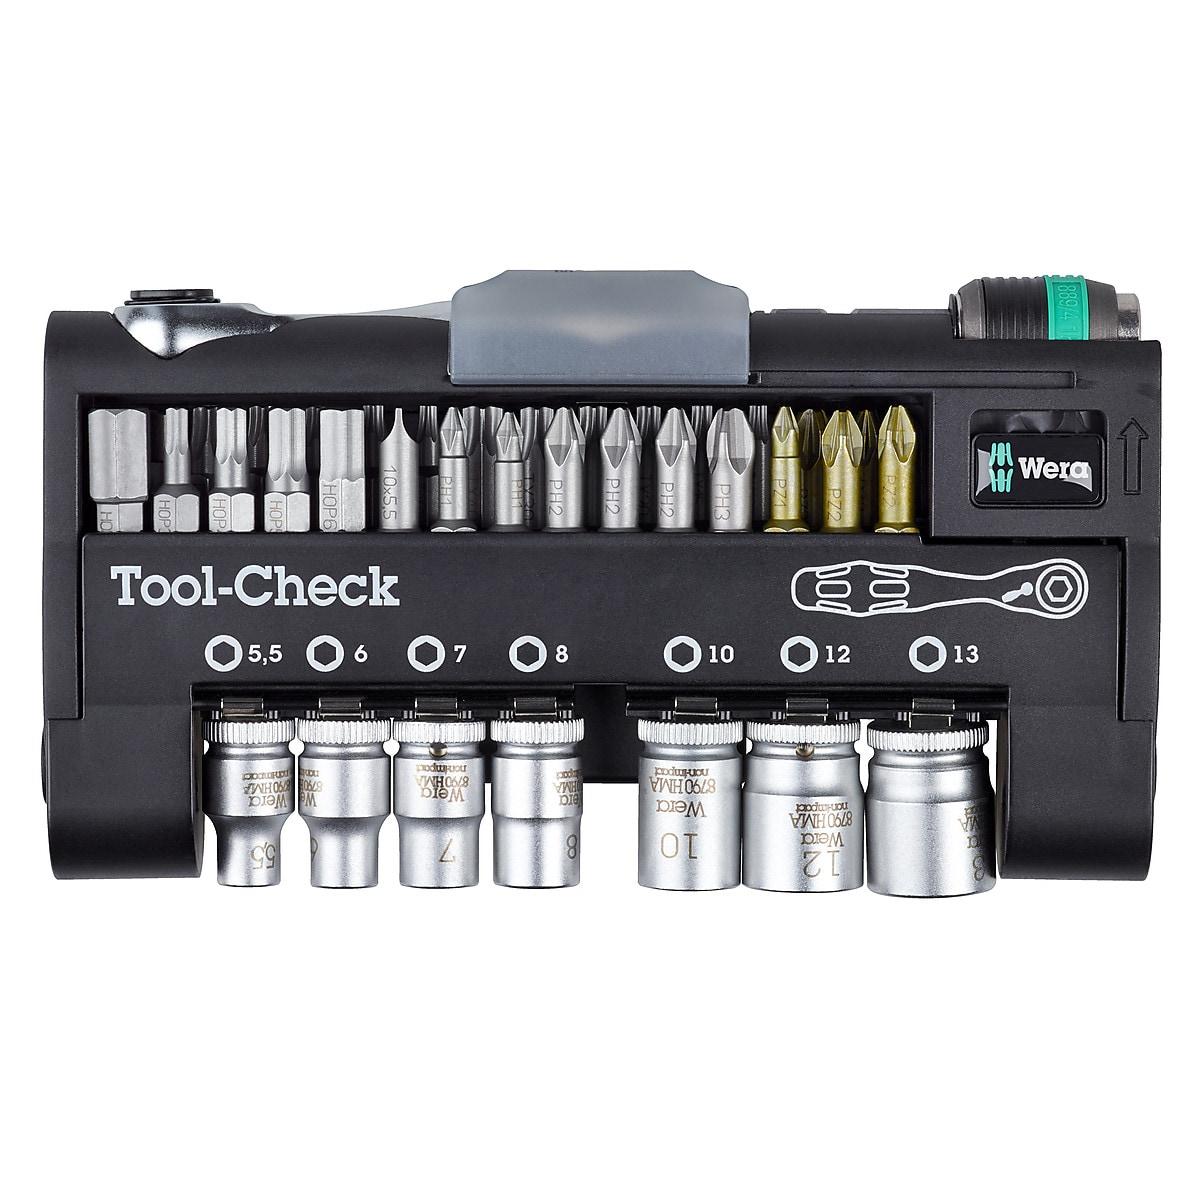 Steckschlüsselsatz Wera Tool-Check